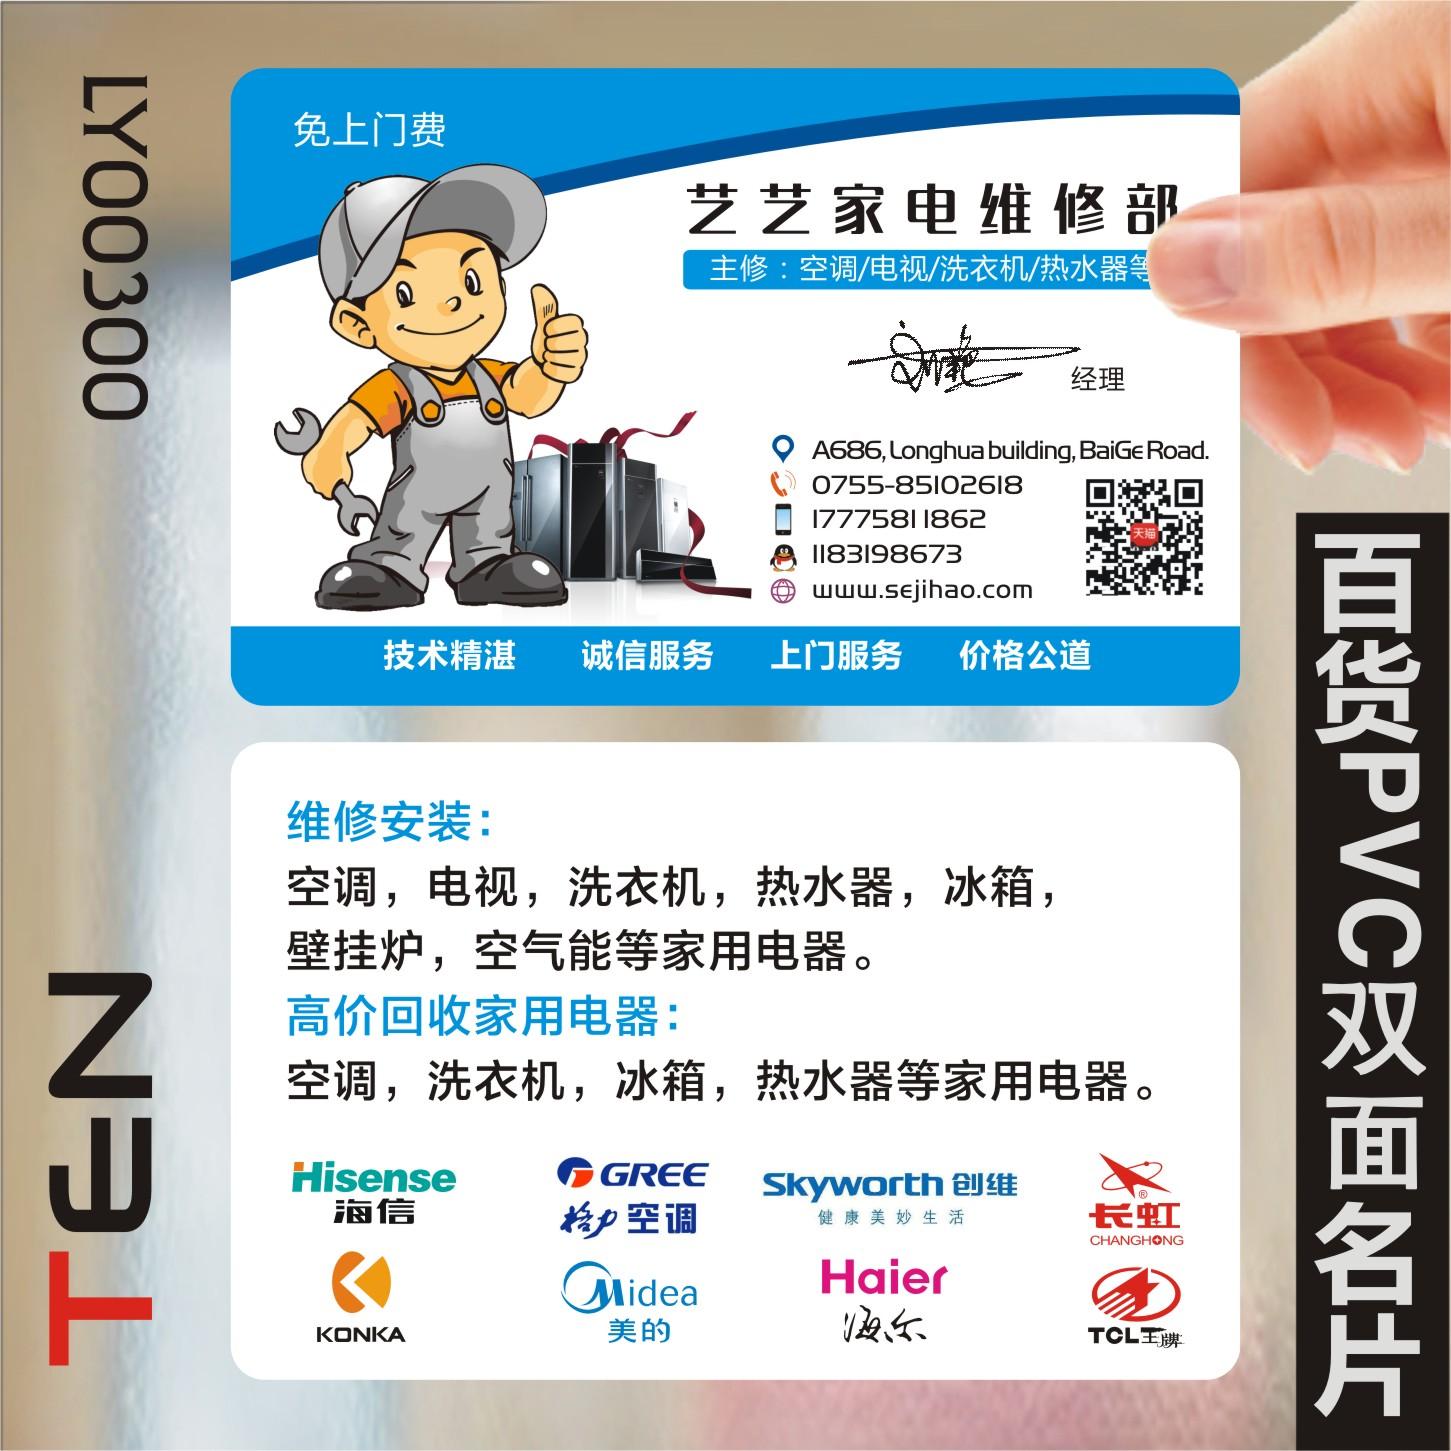 百货家电维修售卖空调冰箱彩电视热水器名片设计制作LY00300,可领取3元天猫优惠券